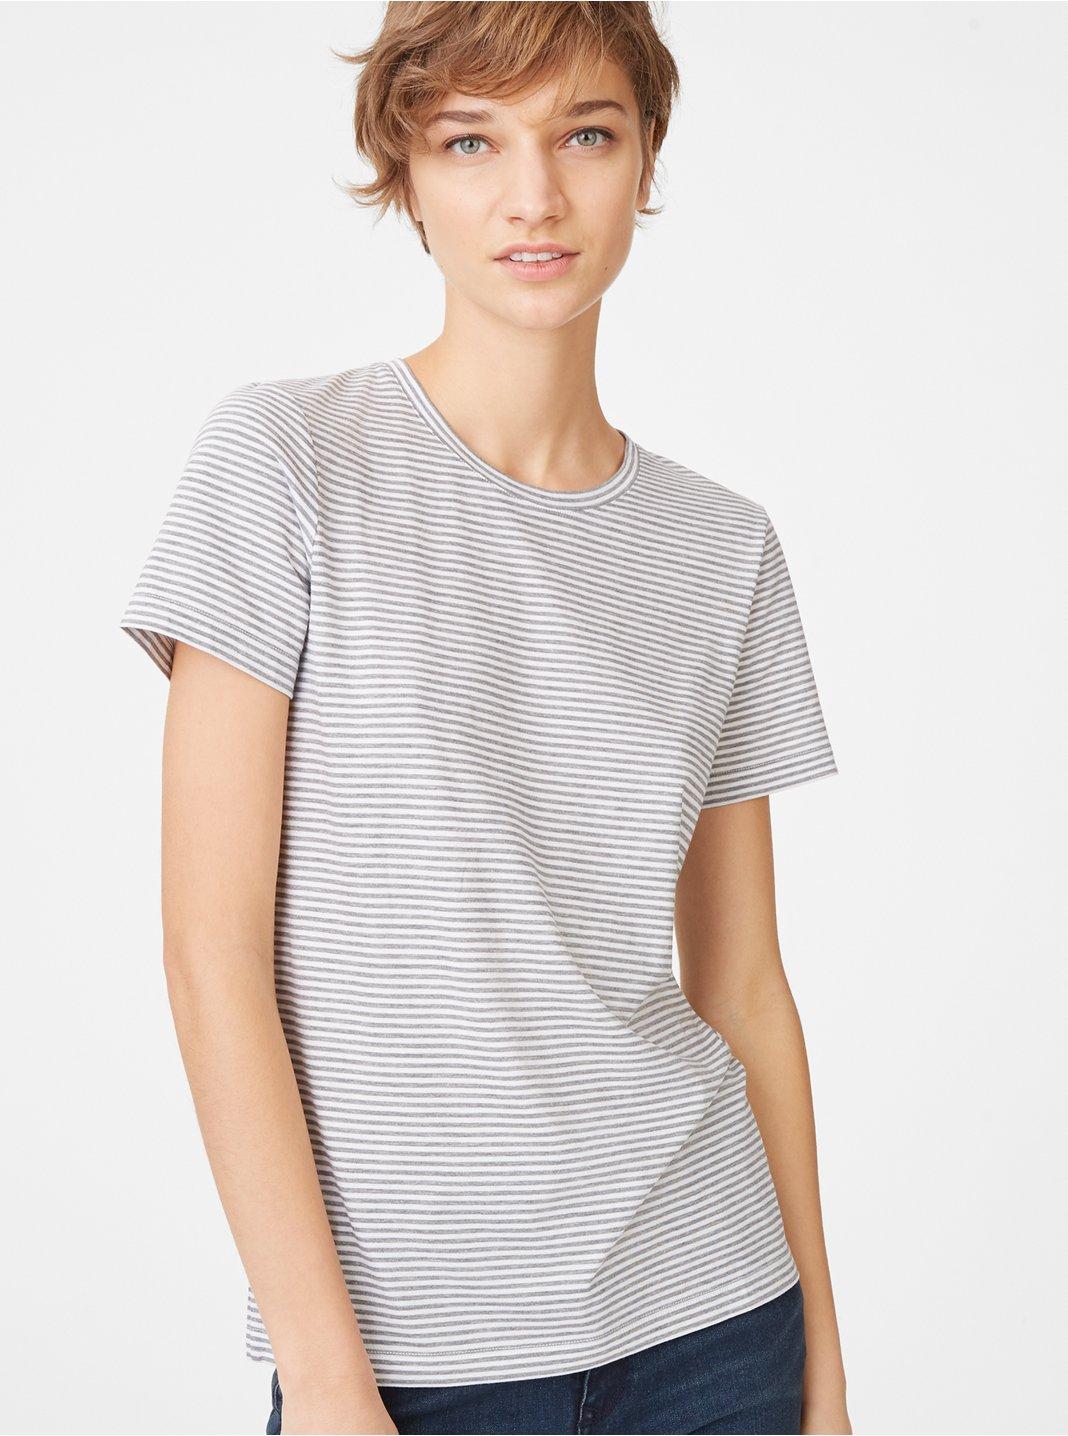 클럽 모나코 Leary 반팔 티셔츠 Club Monaco Leary Tee,Grey/White